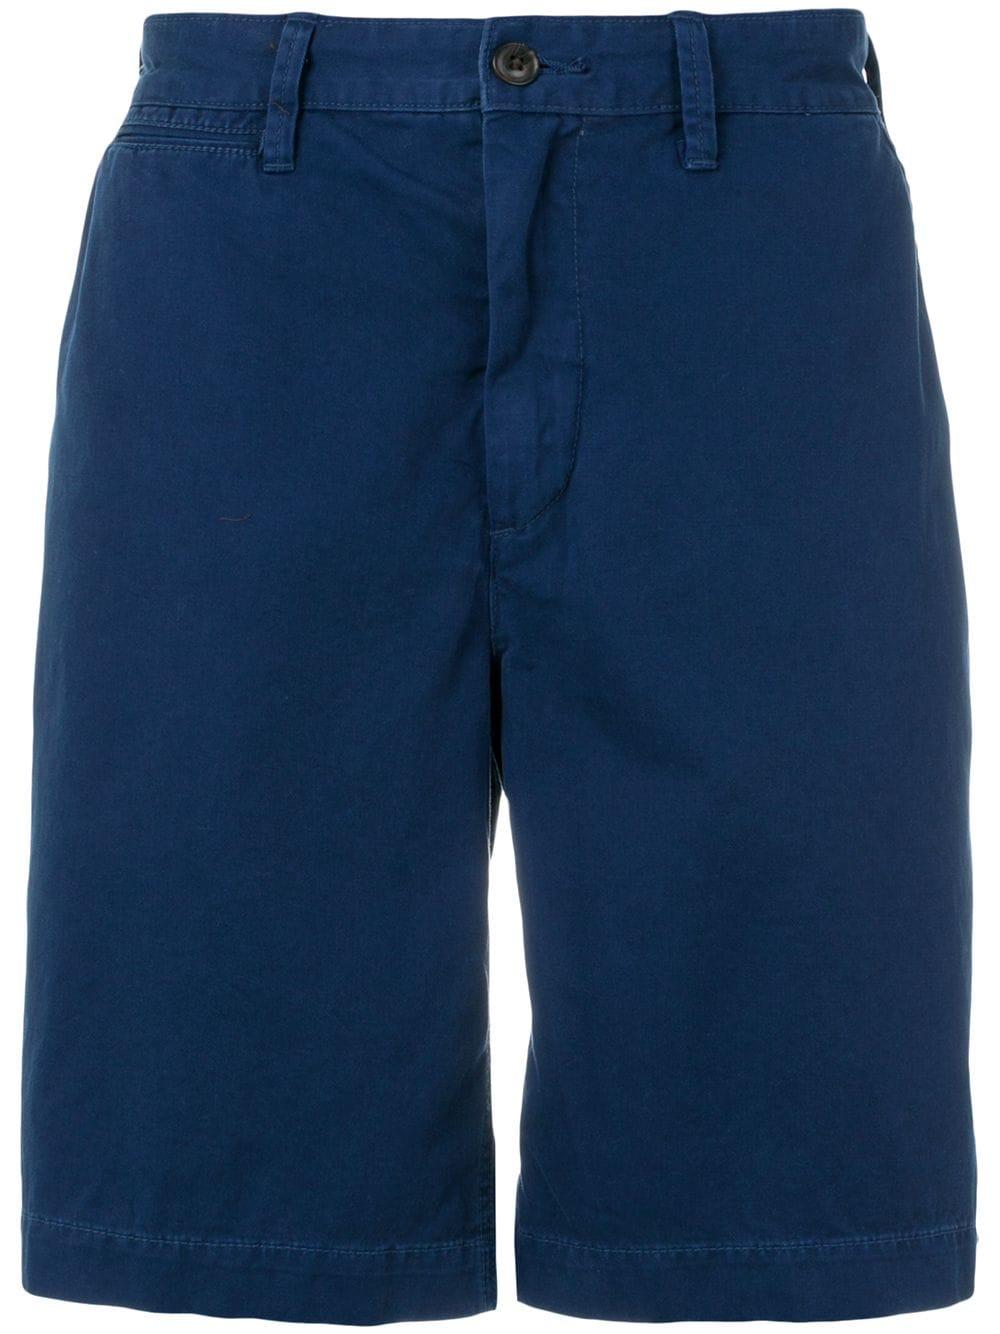 Polo Ralph Lauren Chinos-Shorts mit schmaler Passform - Blau